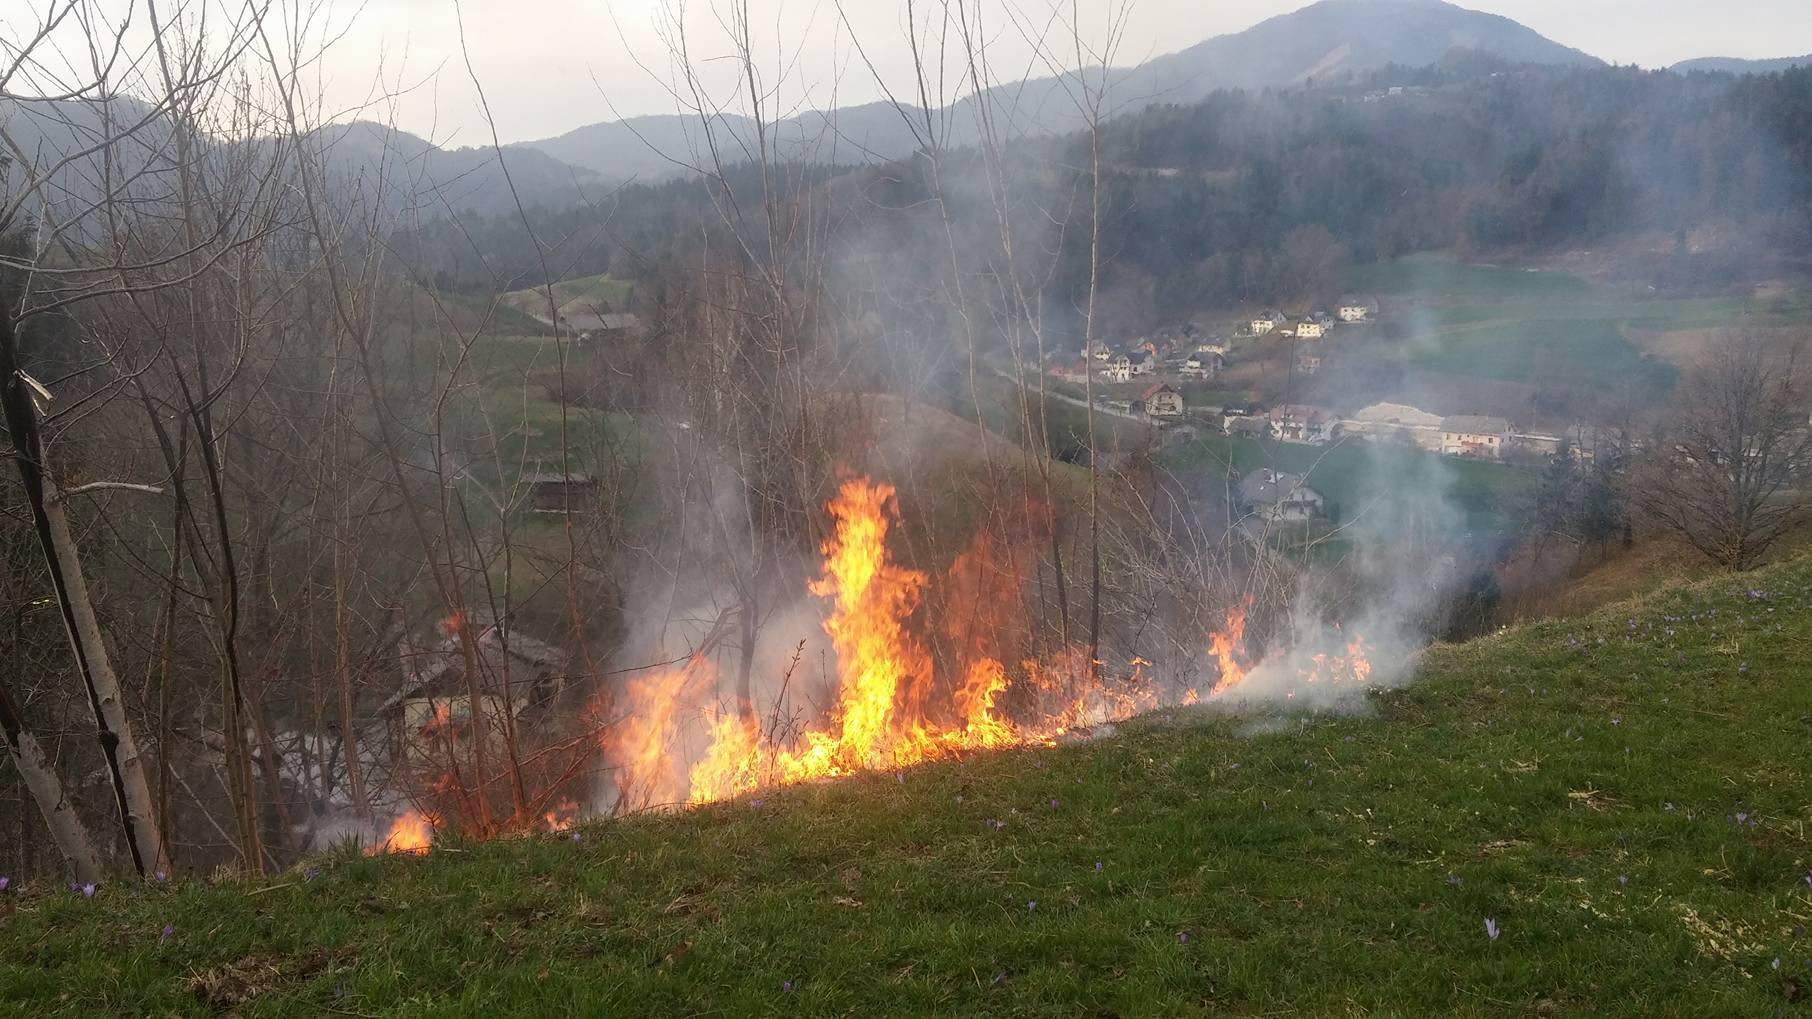 INTERVENCIJA: Požar v naravi – Delnice 11.4.2017 (9)